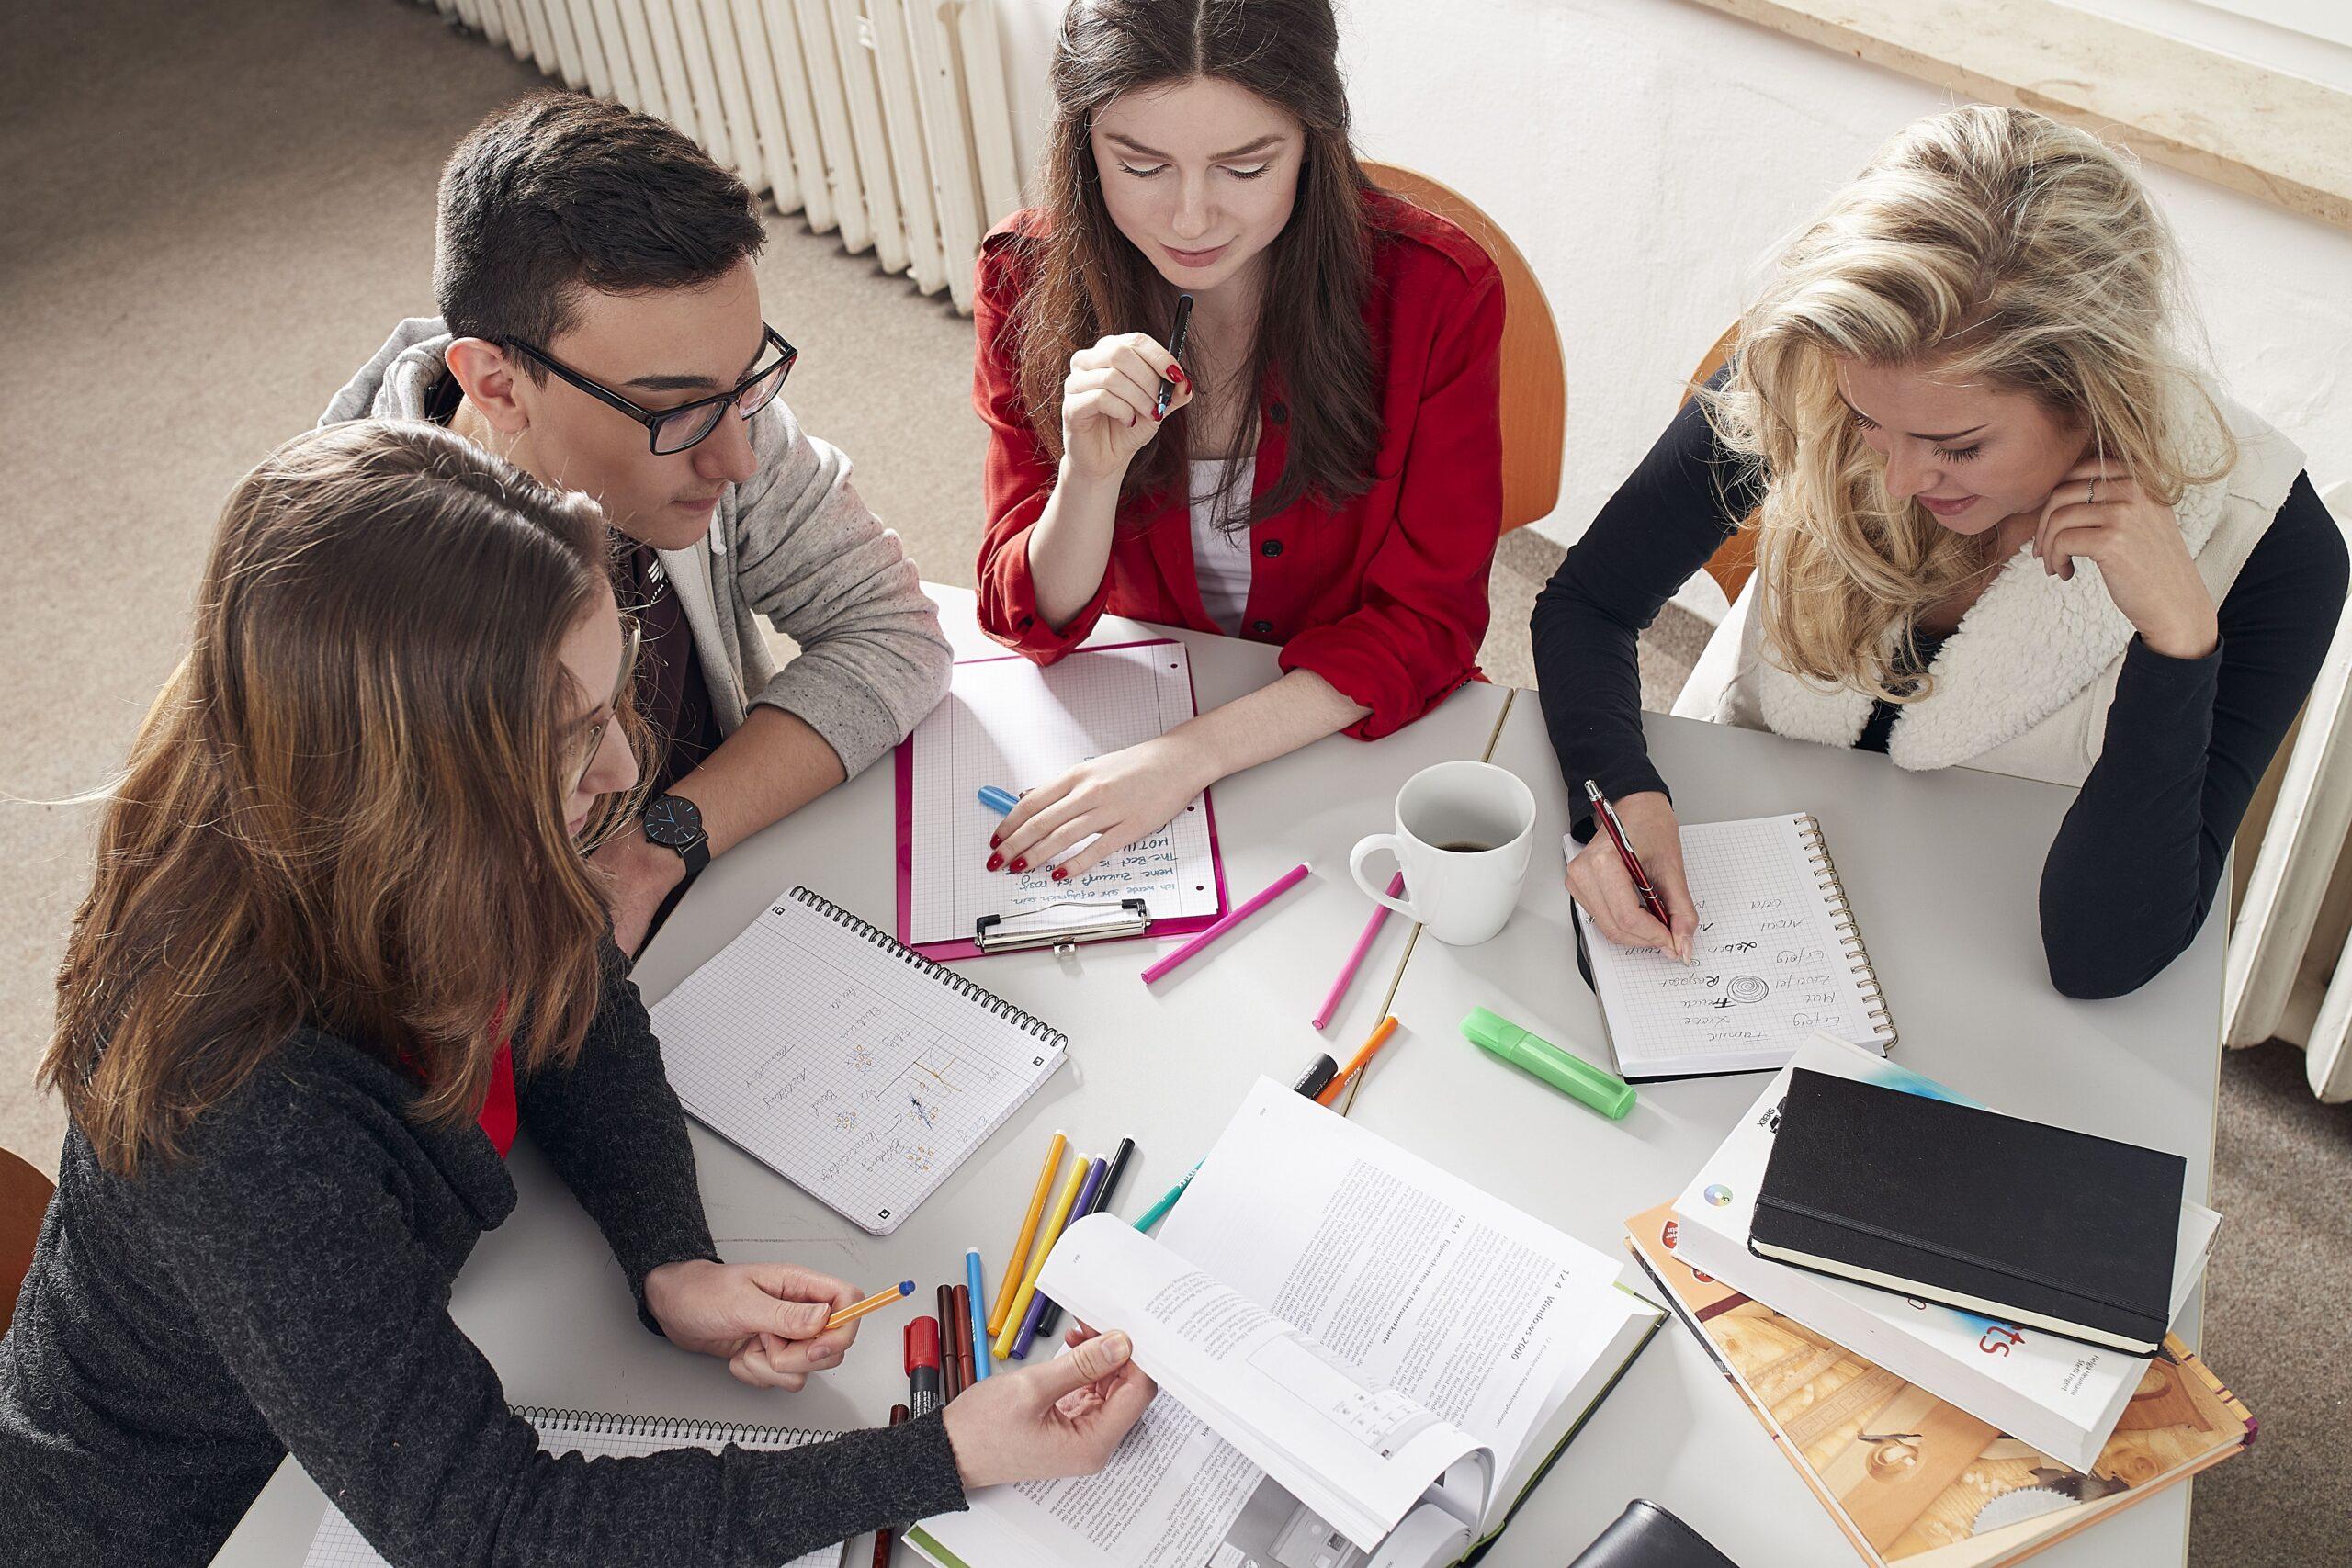 Schüler:innen, die in einer Arbeitsgruppe lernen